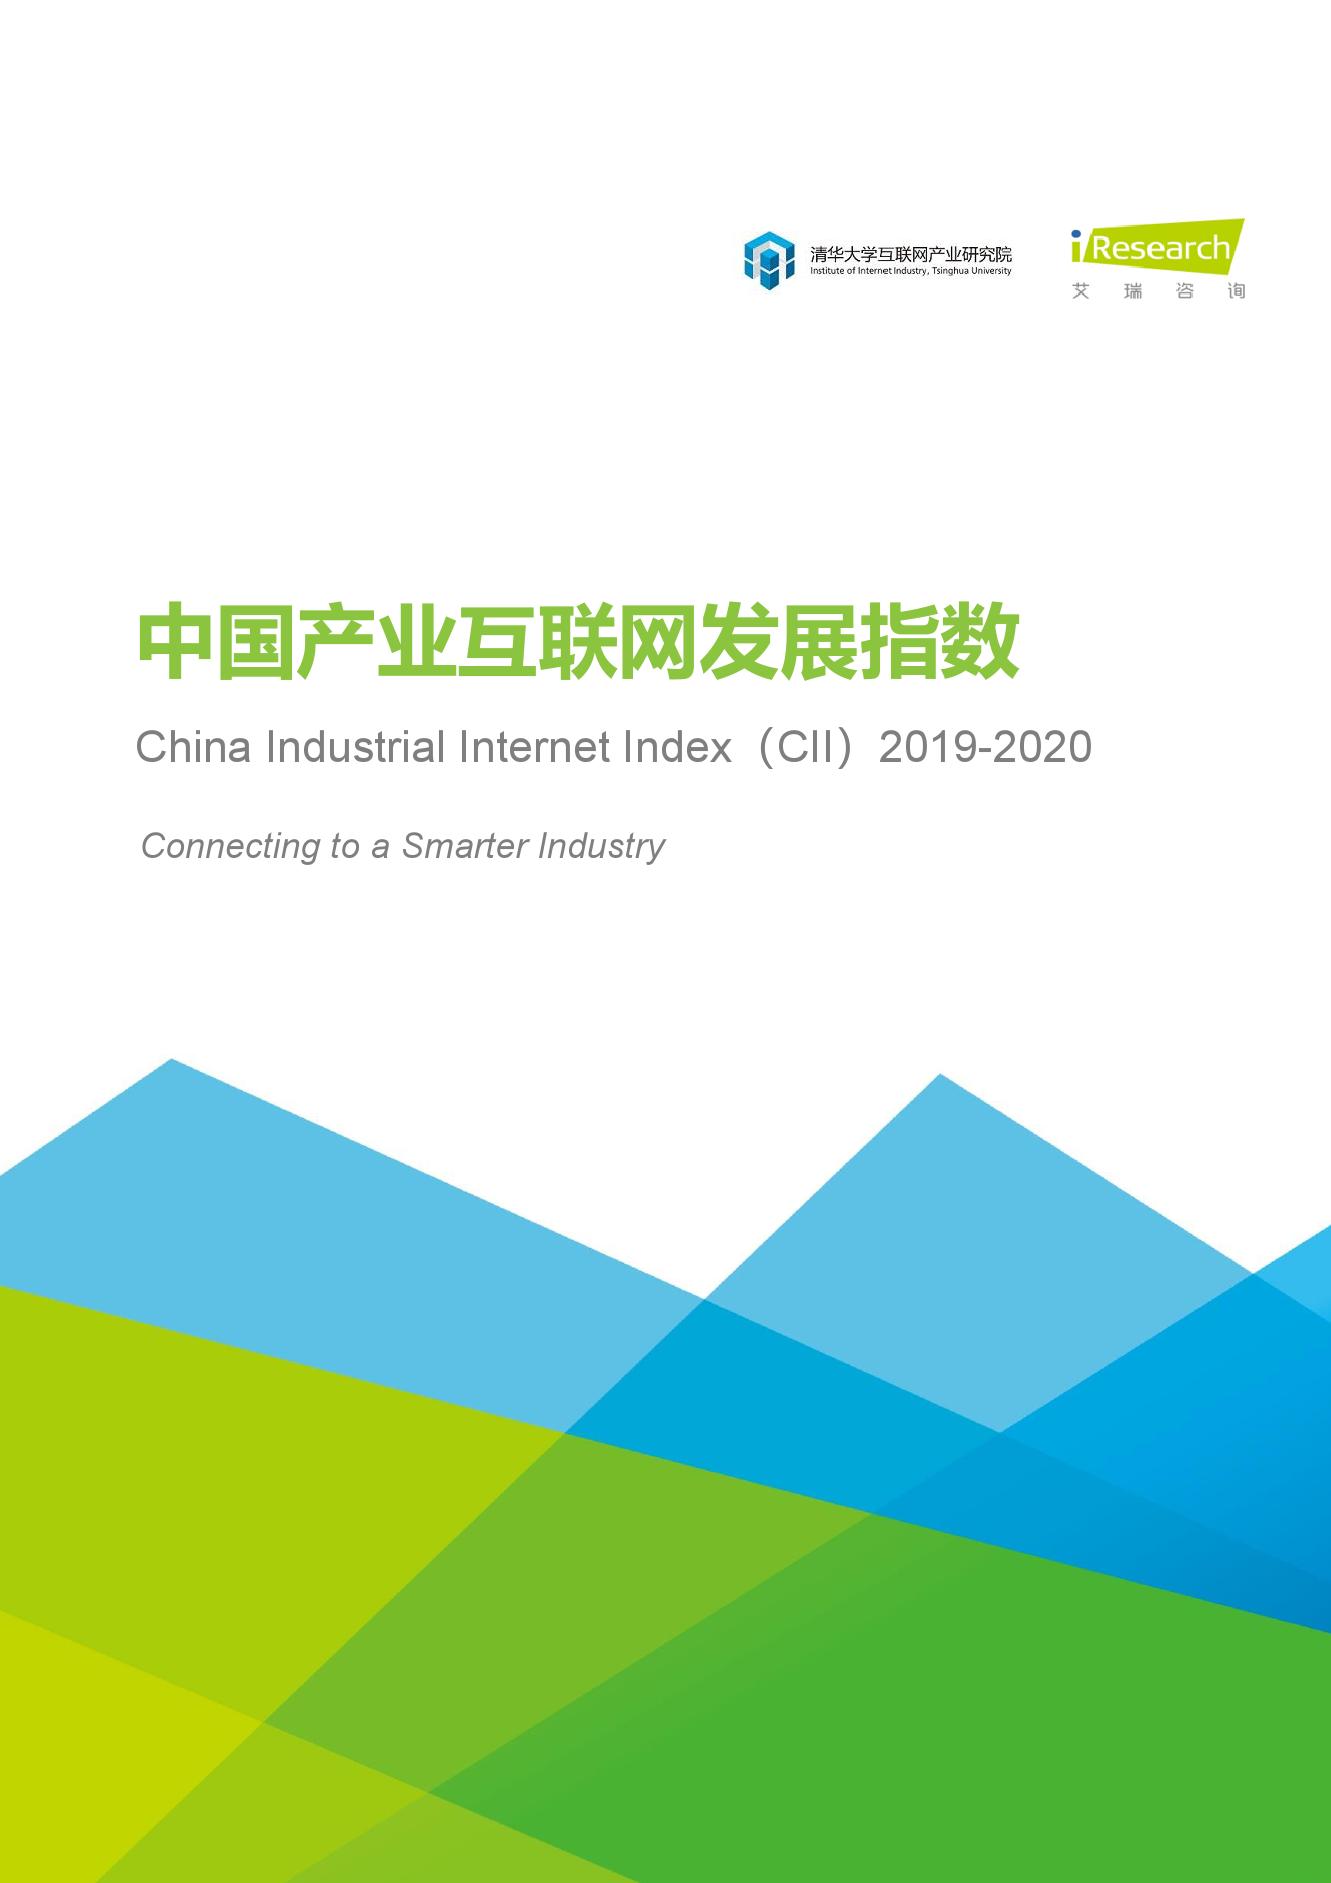 艾瑞咨询:2019-2020年中国产业互联网指数报告(附下载)